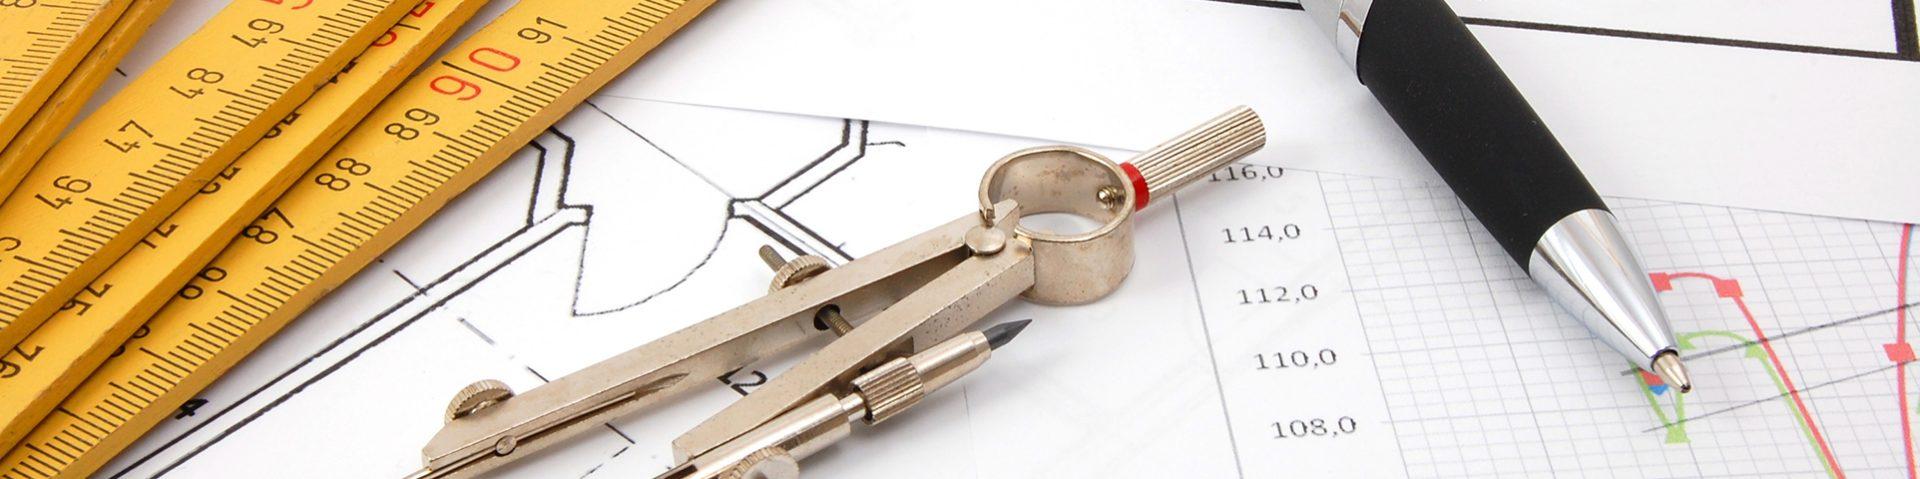 Kokenut projektinjohto toimii luotettavasti kaikissa rakennus- ja remonttikohteissa. Palvelut mm. taloyhtiöille - katso!